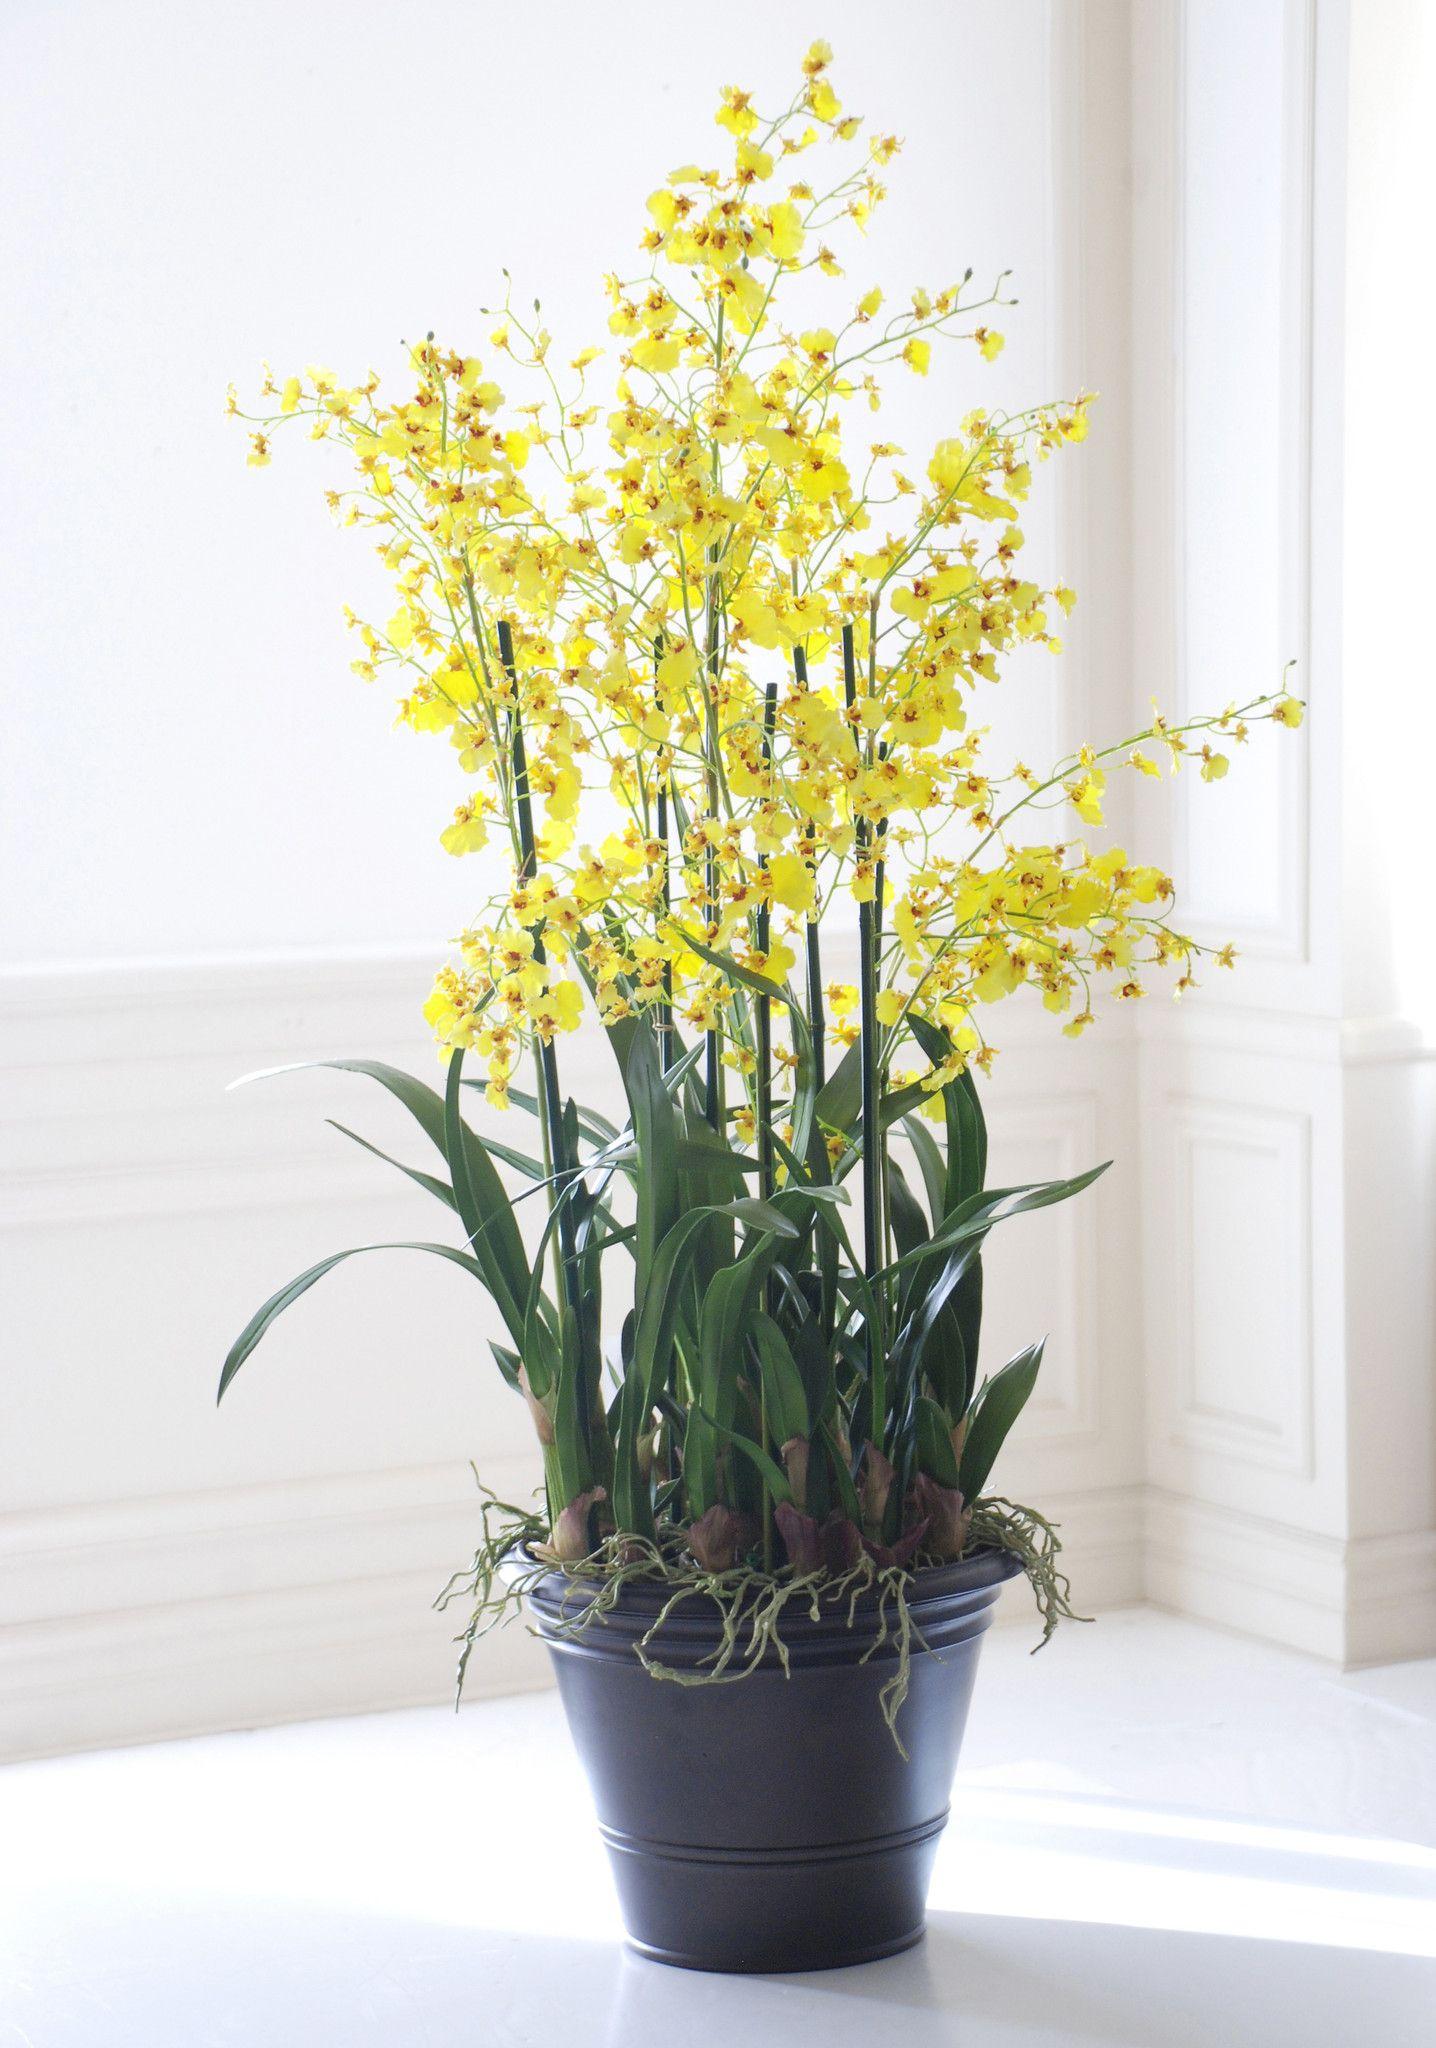 Yellow Dancing Oncidium Orchids Ideias De Jardinagem Orquideas Cymbidium Orquideas